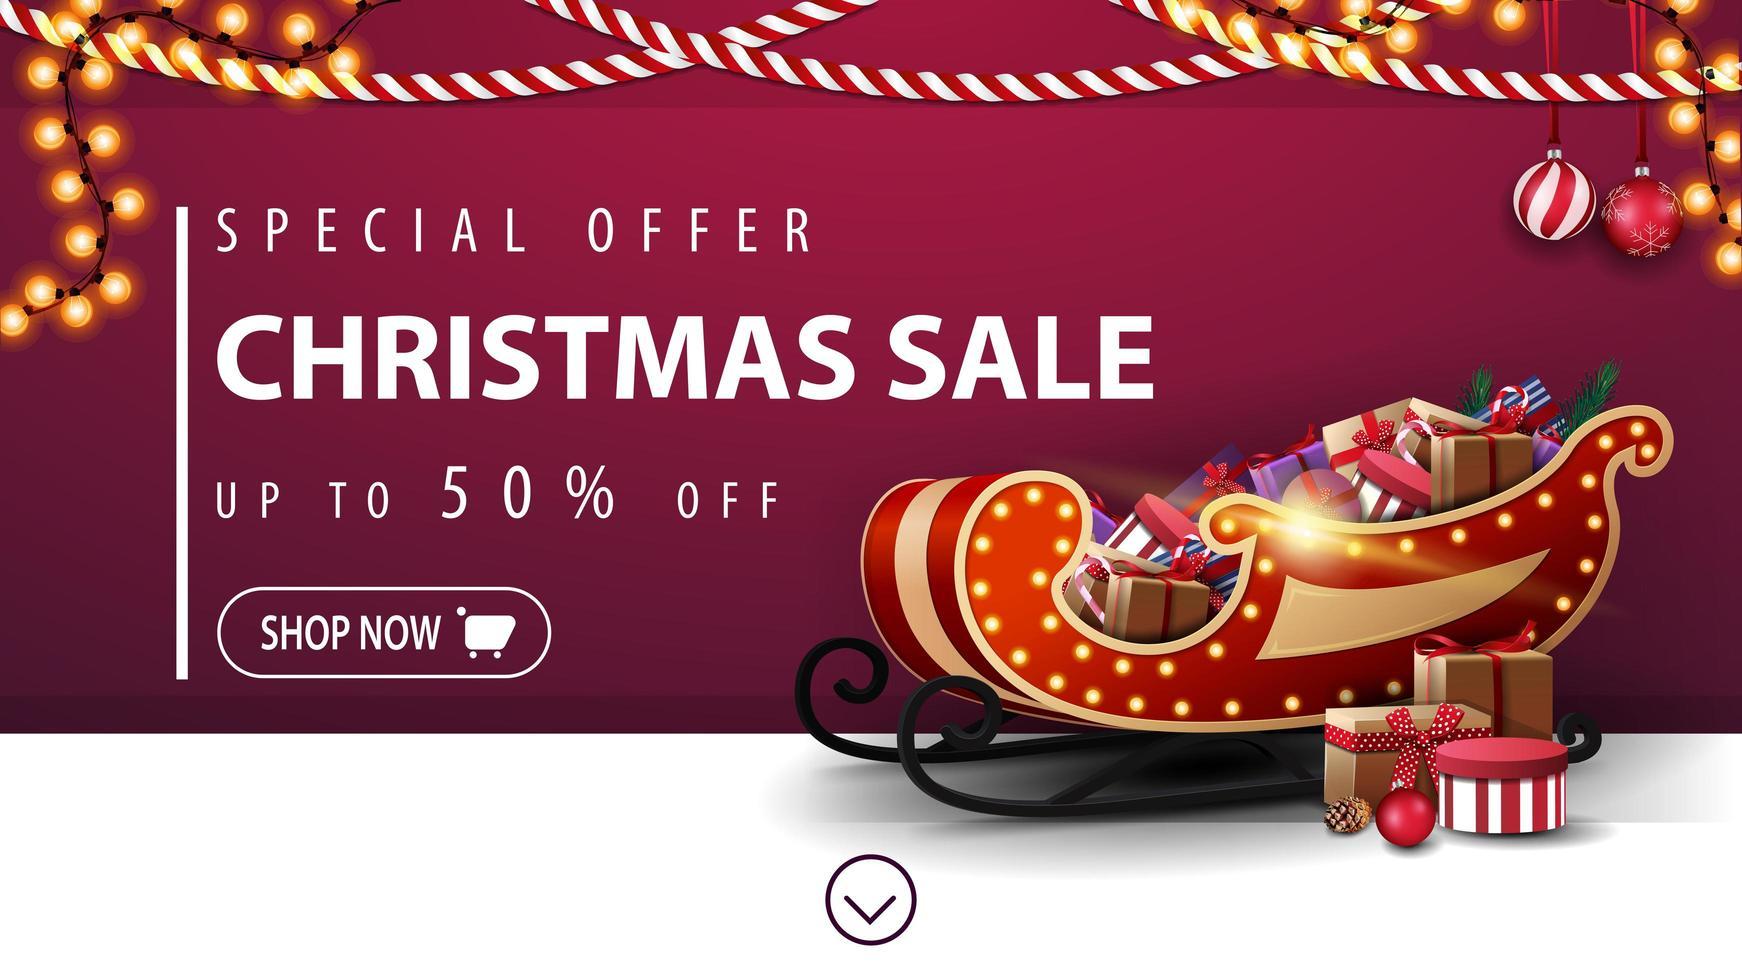 Sonderangebot, Weihnachtsverkauf, bis zu 50 Rabatt, lila Rabatt Banner mit Girlanden, Knopf und Santa Schlitten mit Geschenken in der Nähe der Wand vektor